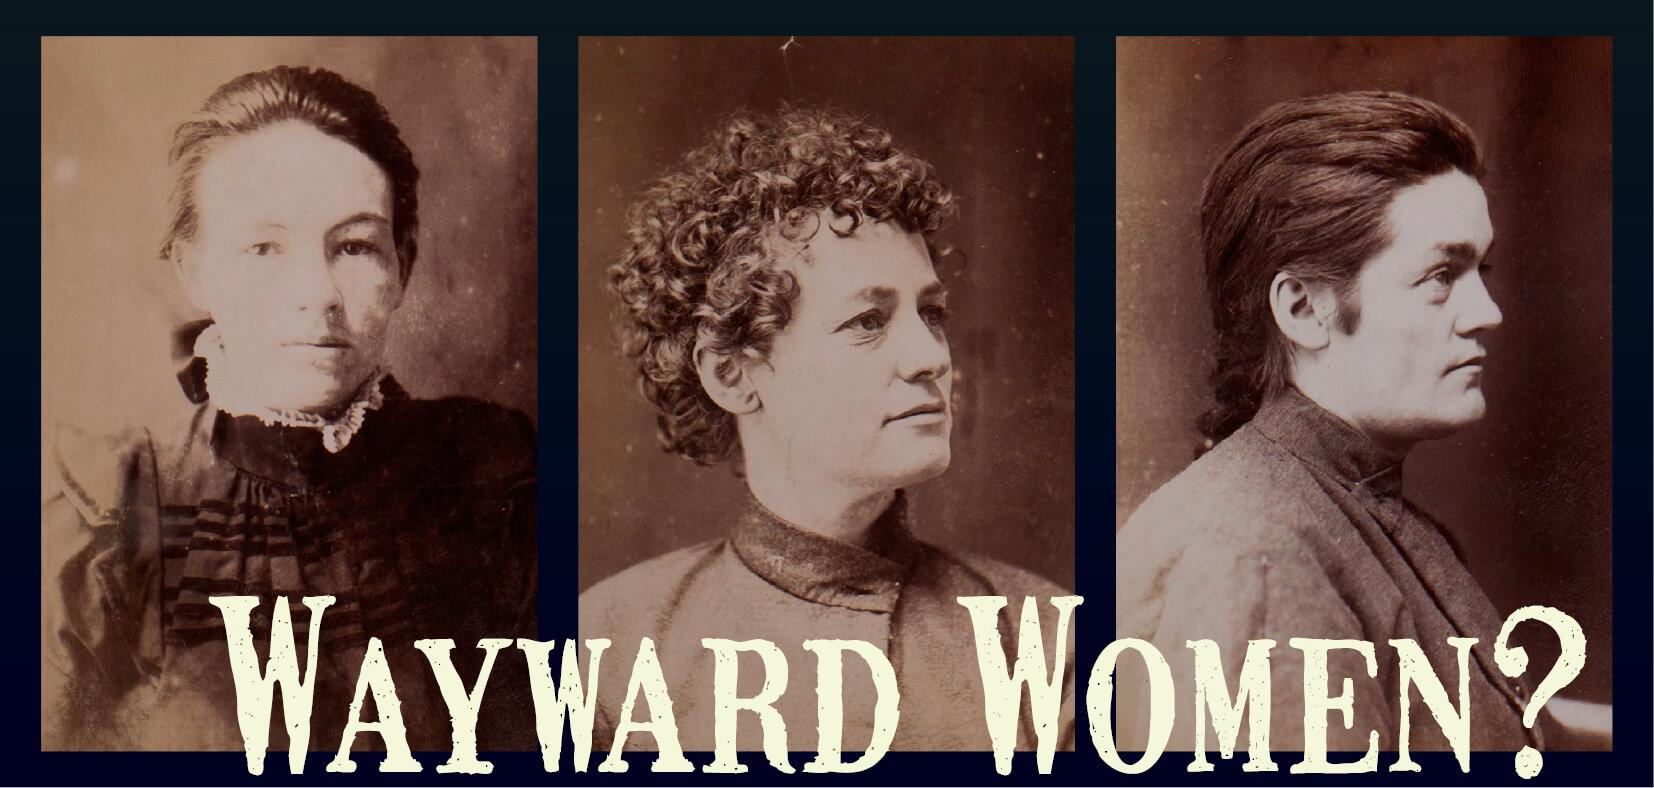 Wayward Women? - exhibition banner